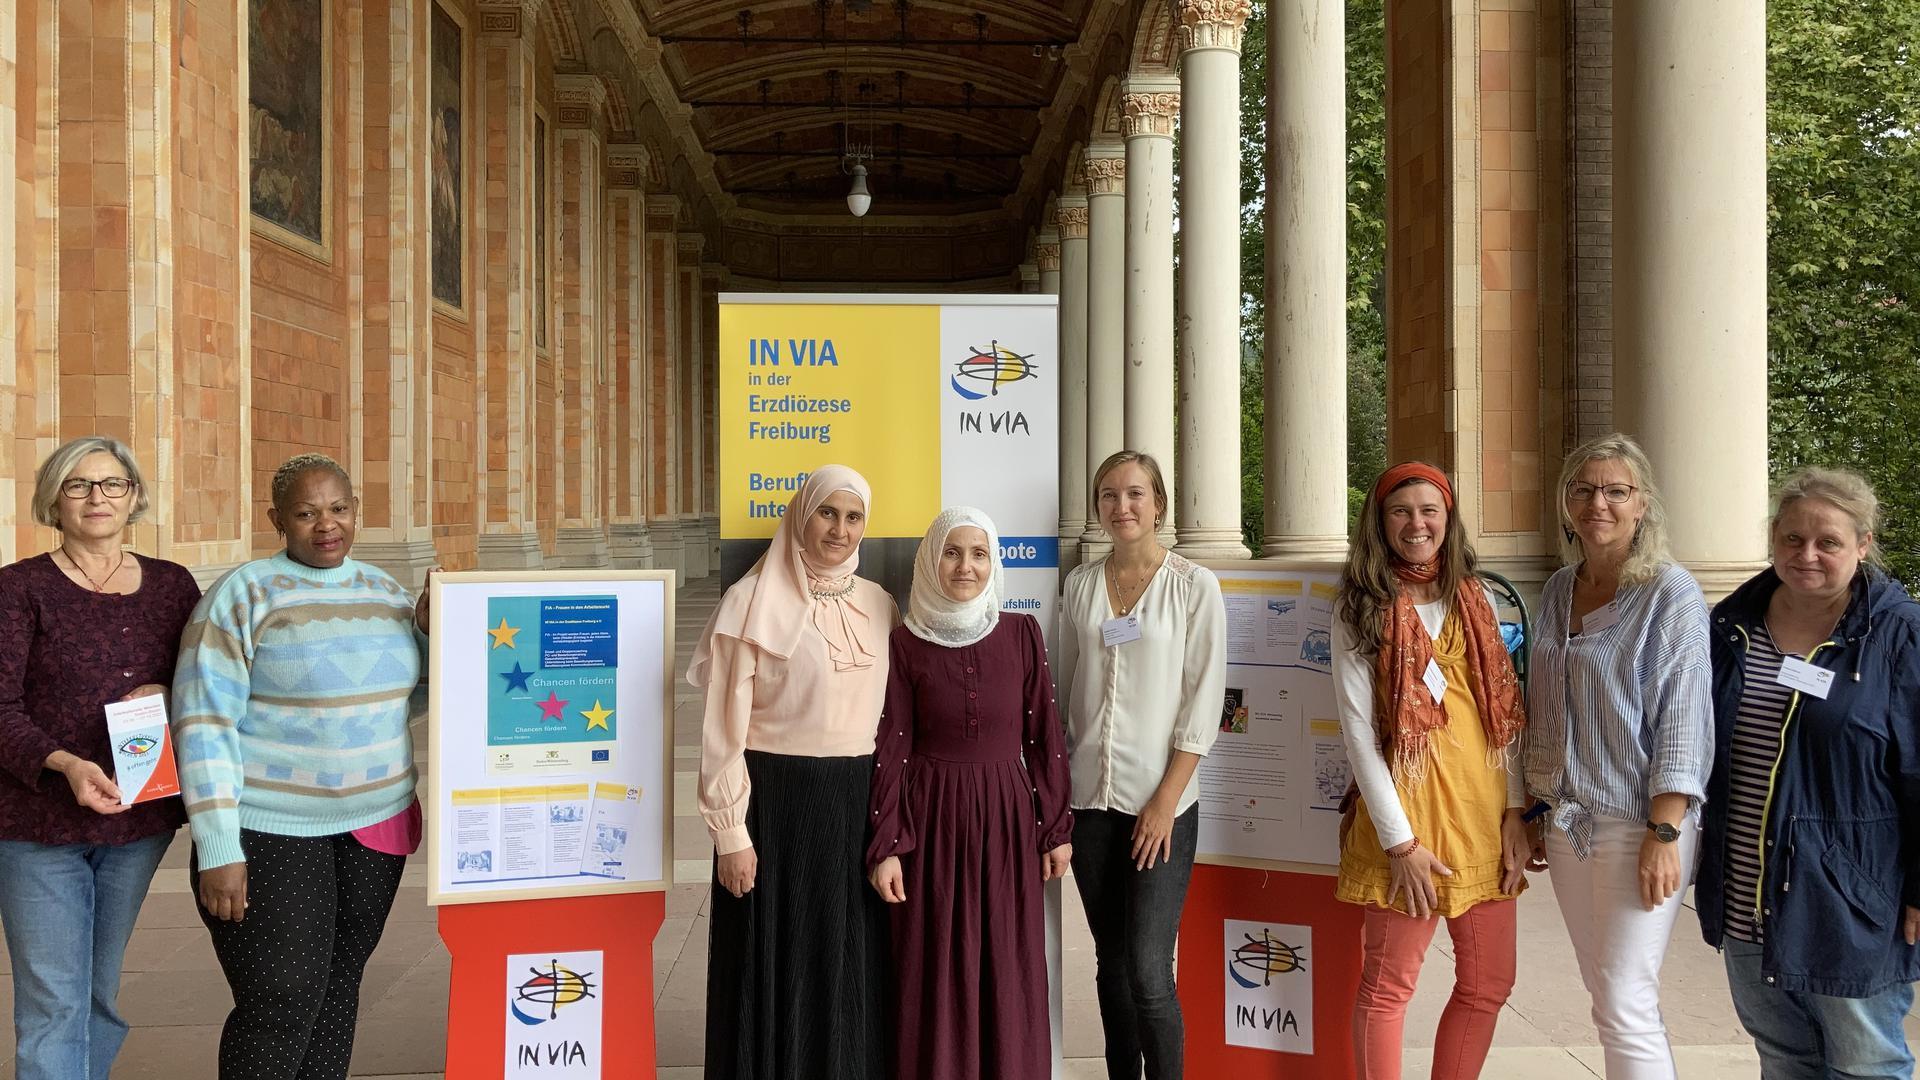 Acht Frauen stehen in der Trinkhalle vor Informationstafeln ihres Projekts.